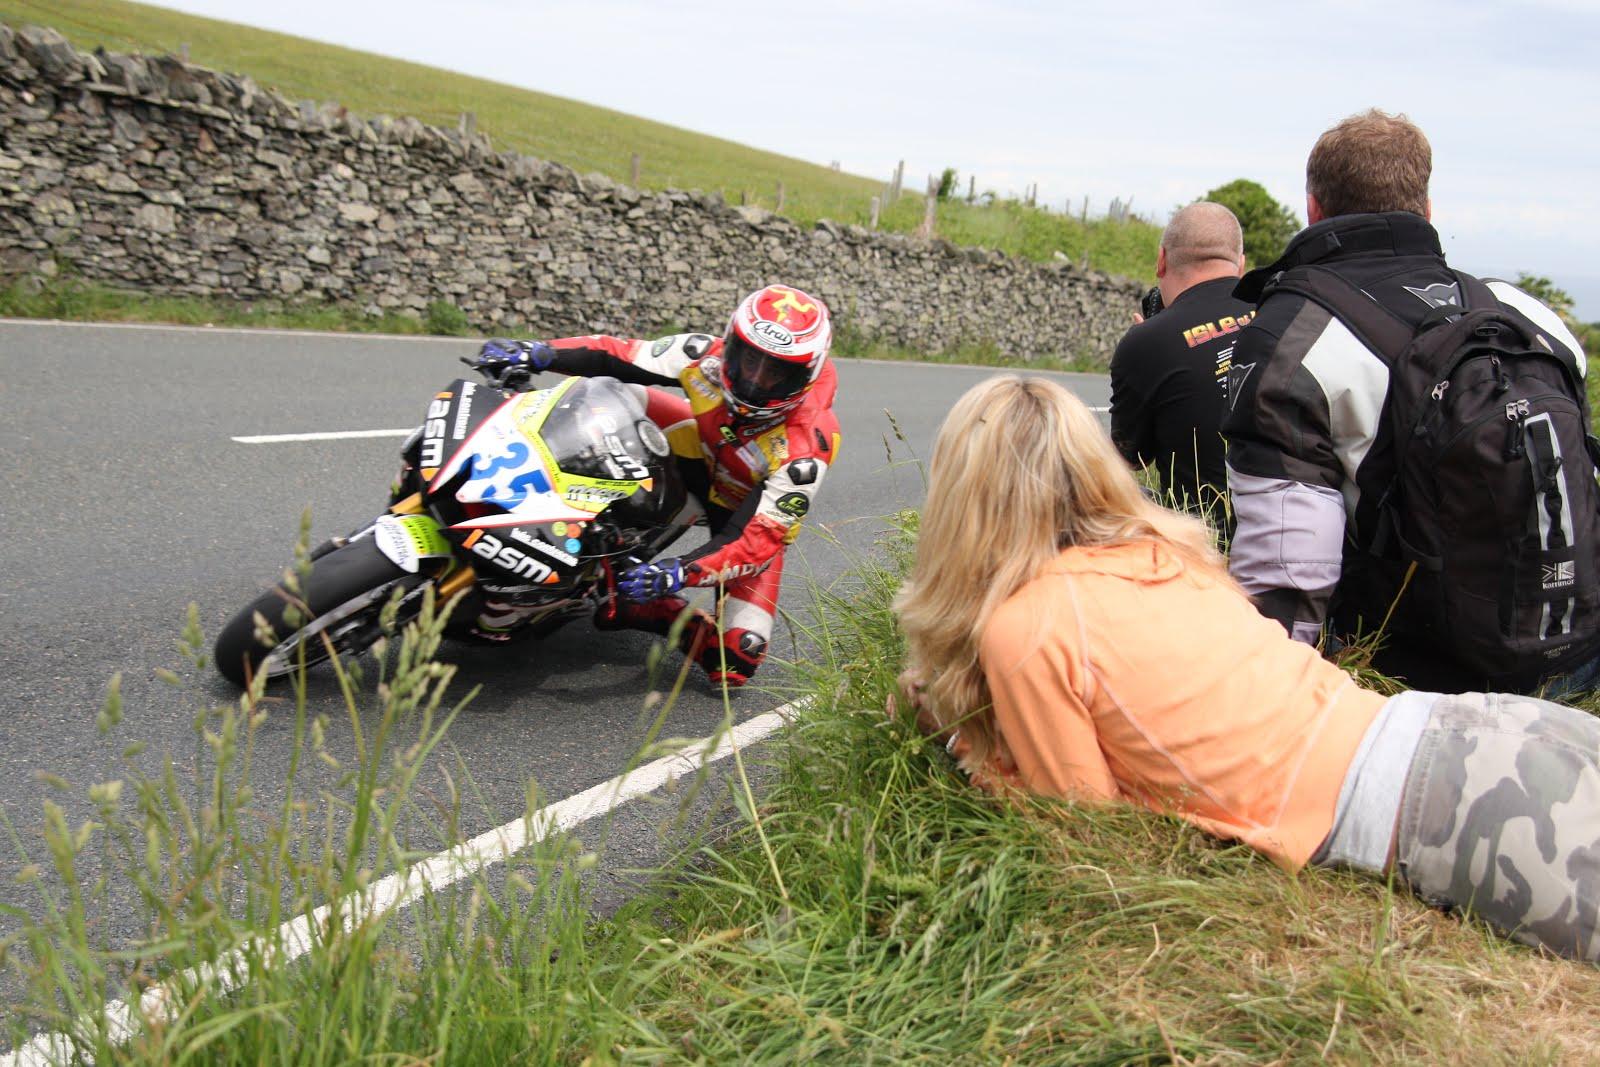 Antonio Maeso TT rider